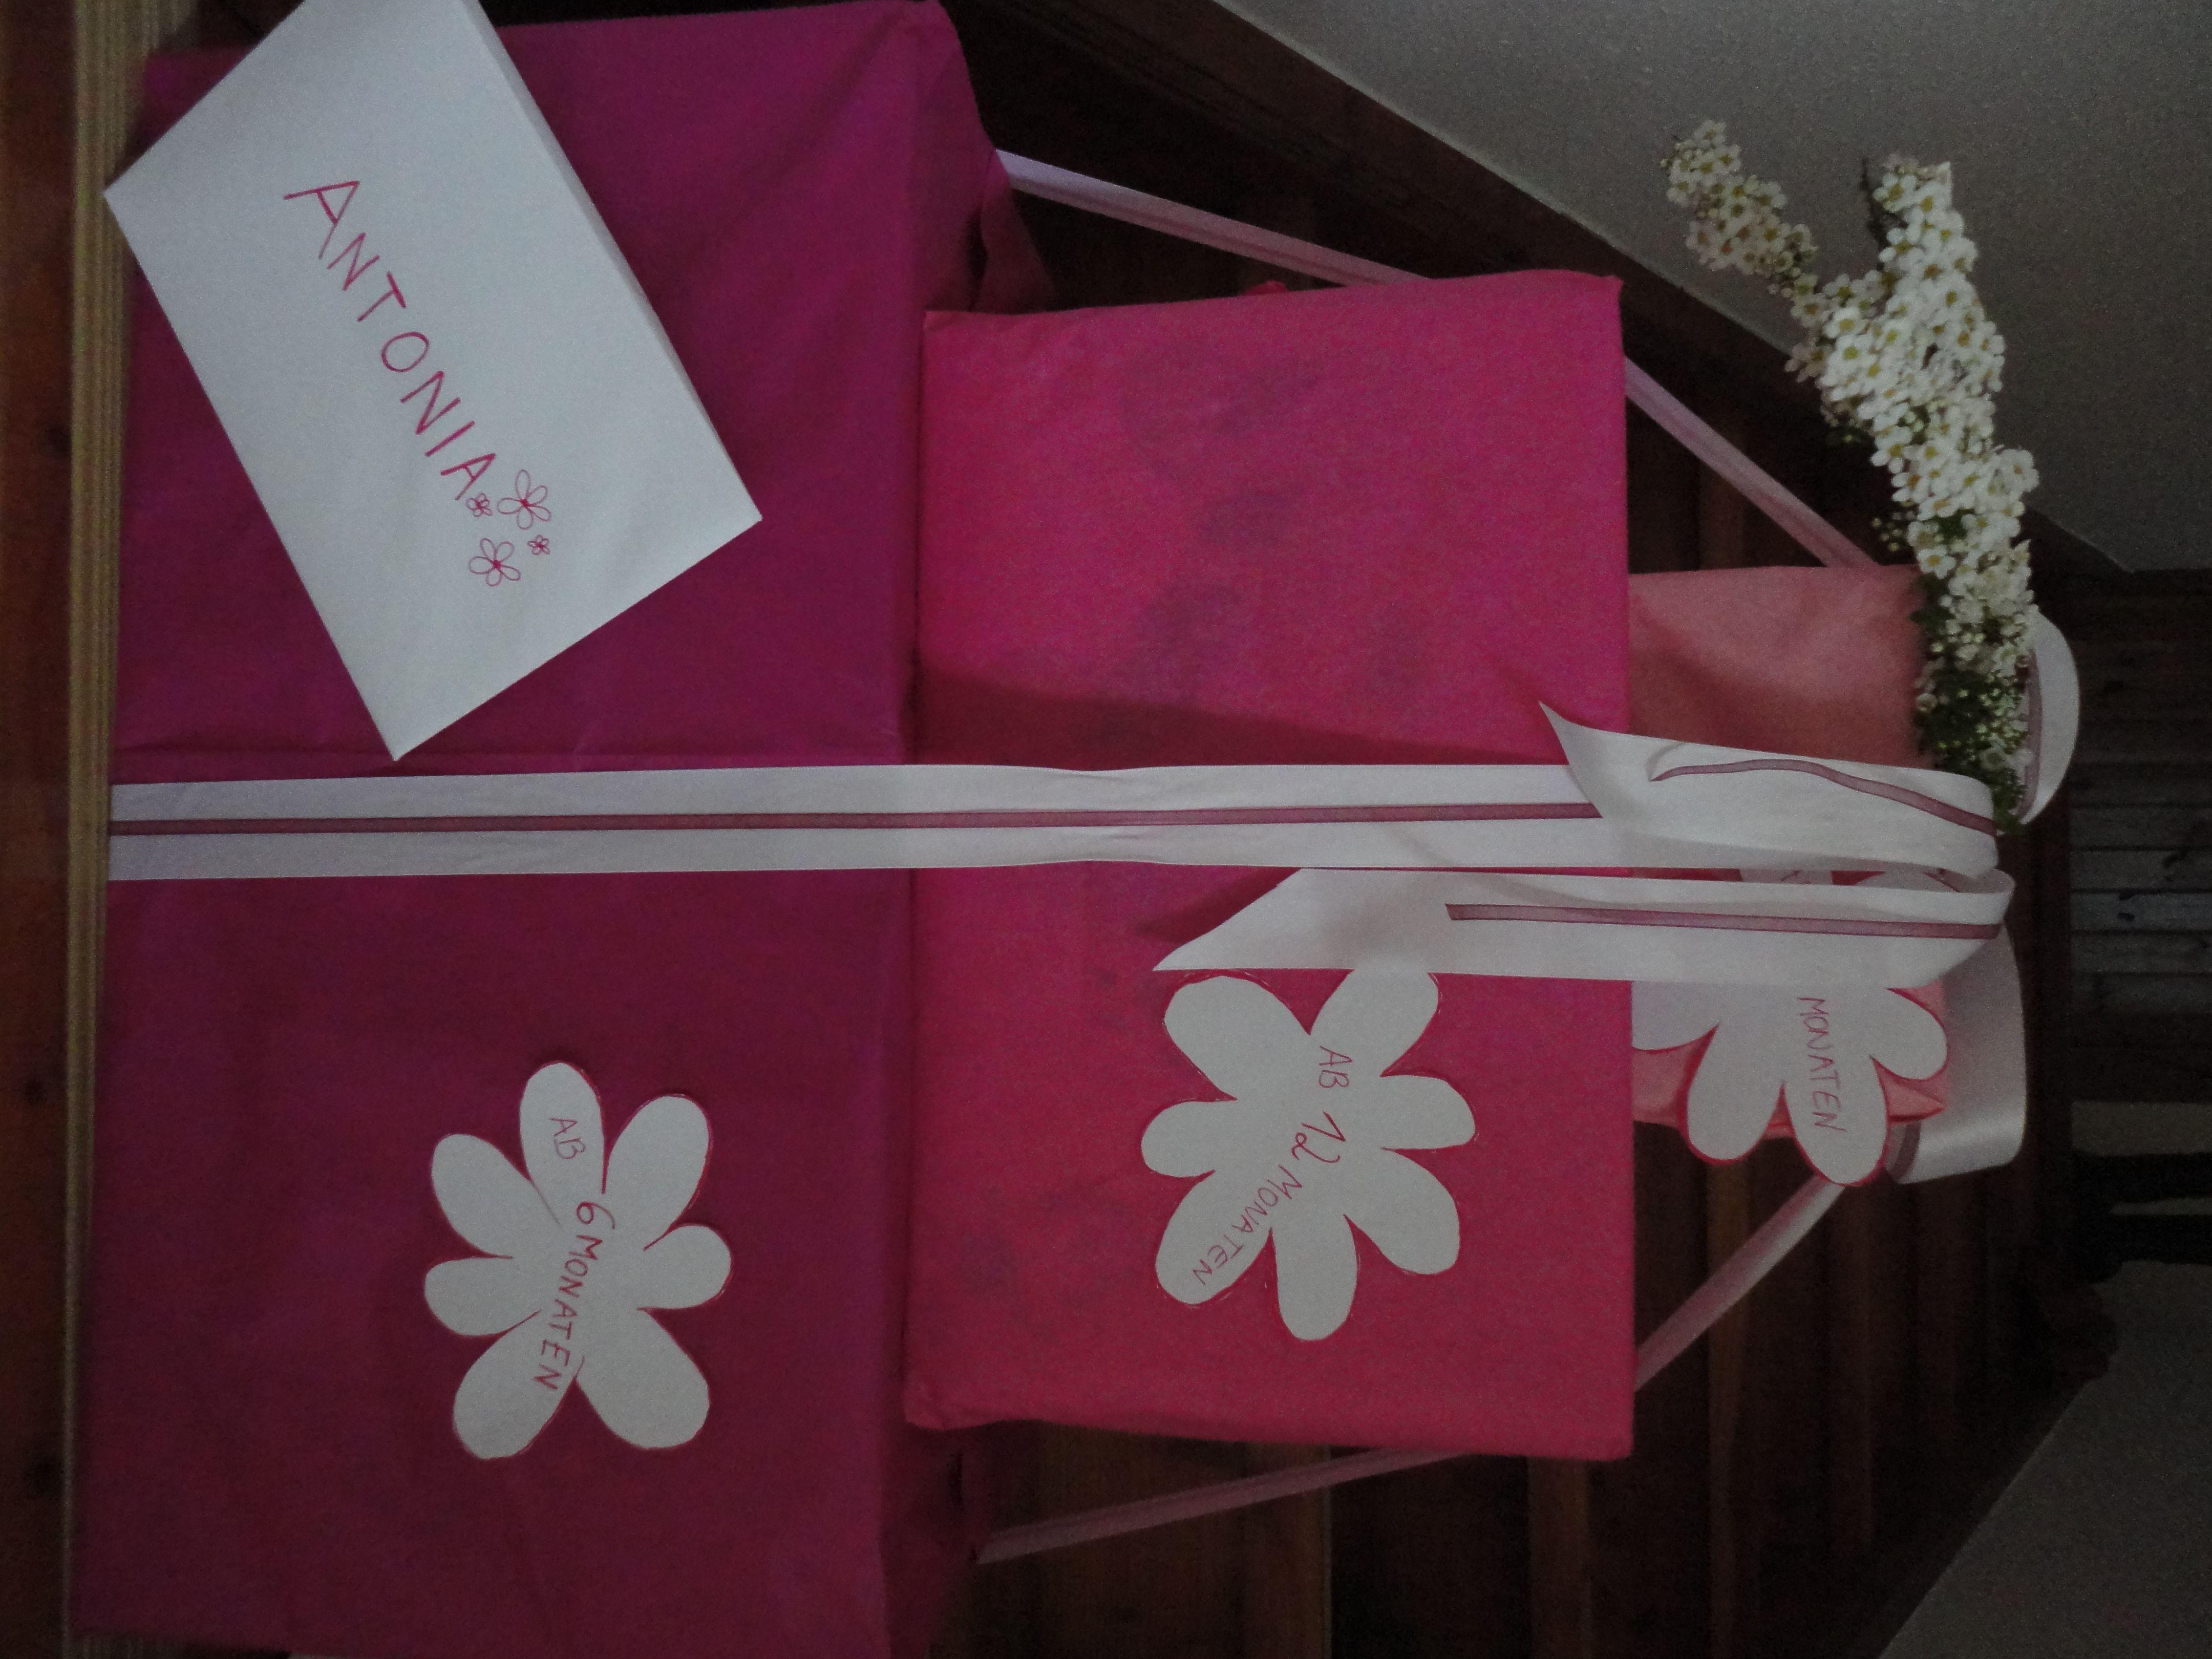 Verpackung: Baby-Geschenk-für Mädchen (für 6,12,18 Monate-in versch. Rosa-Tönen)